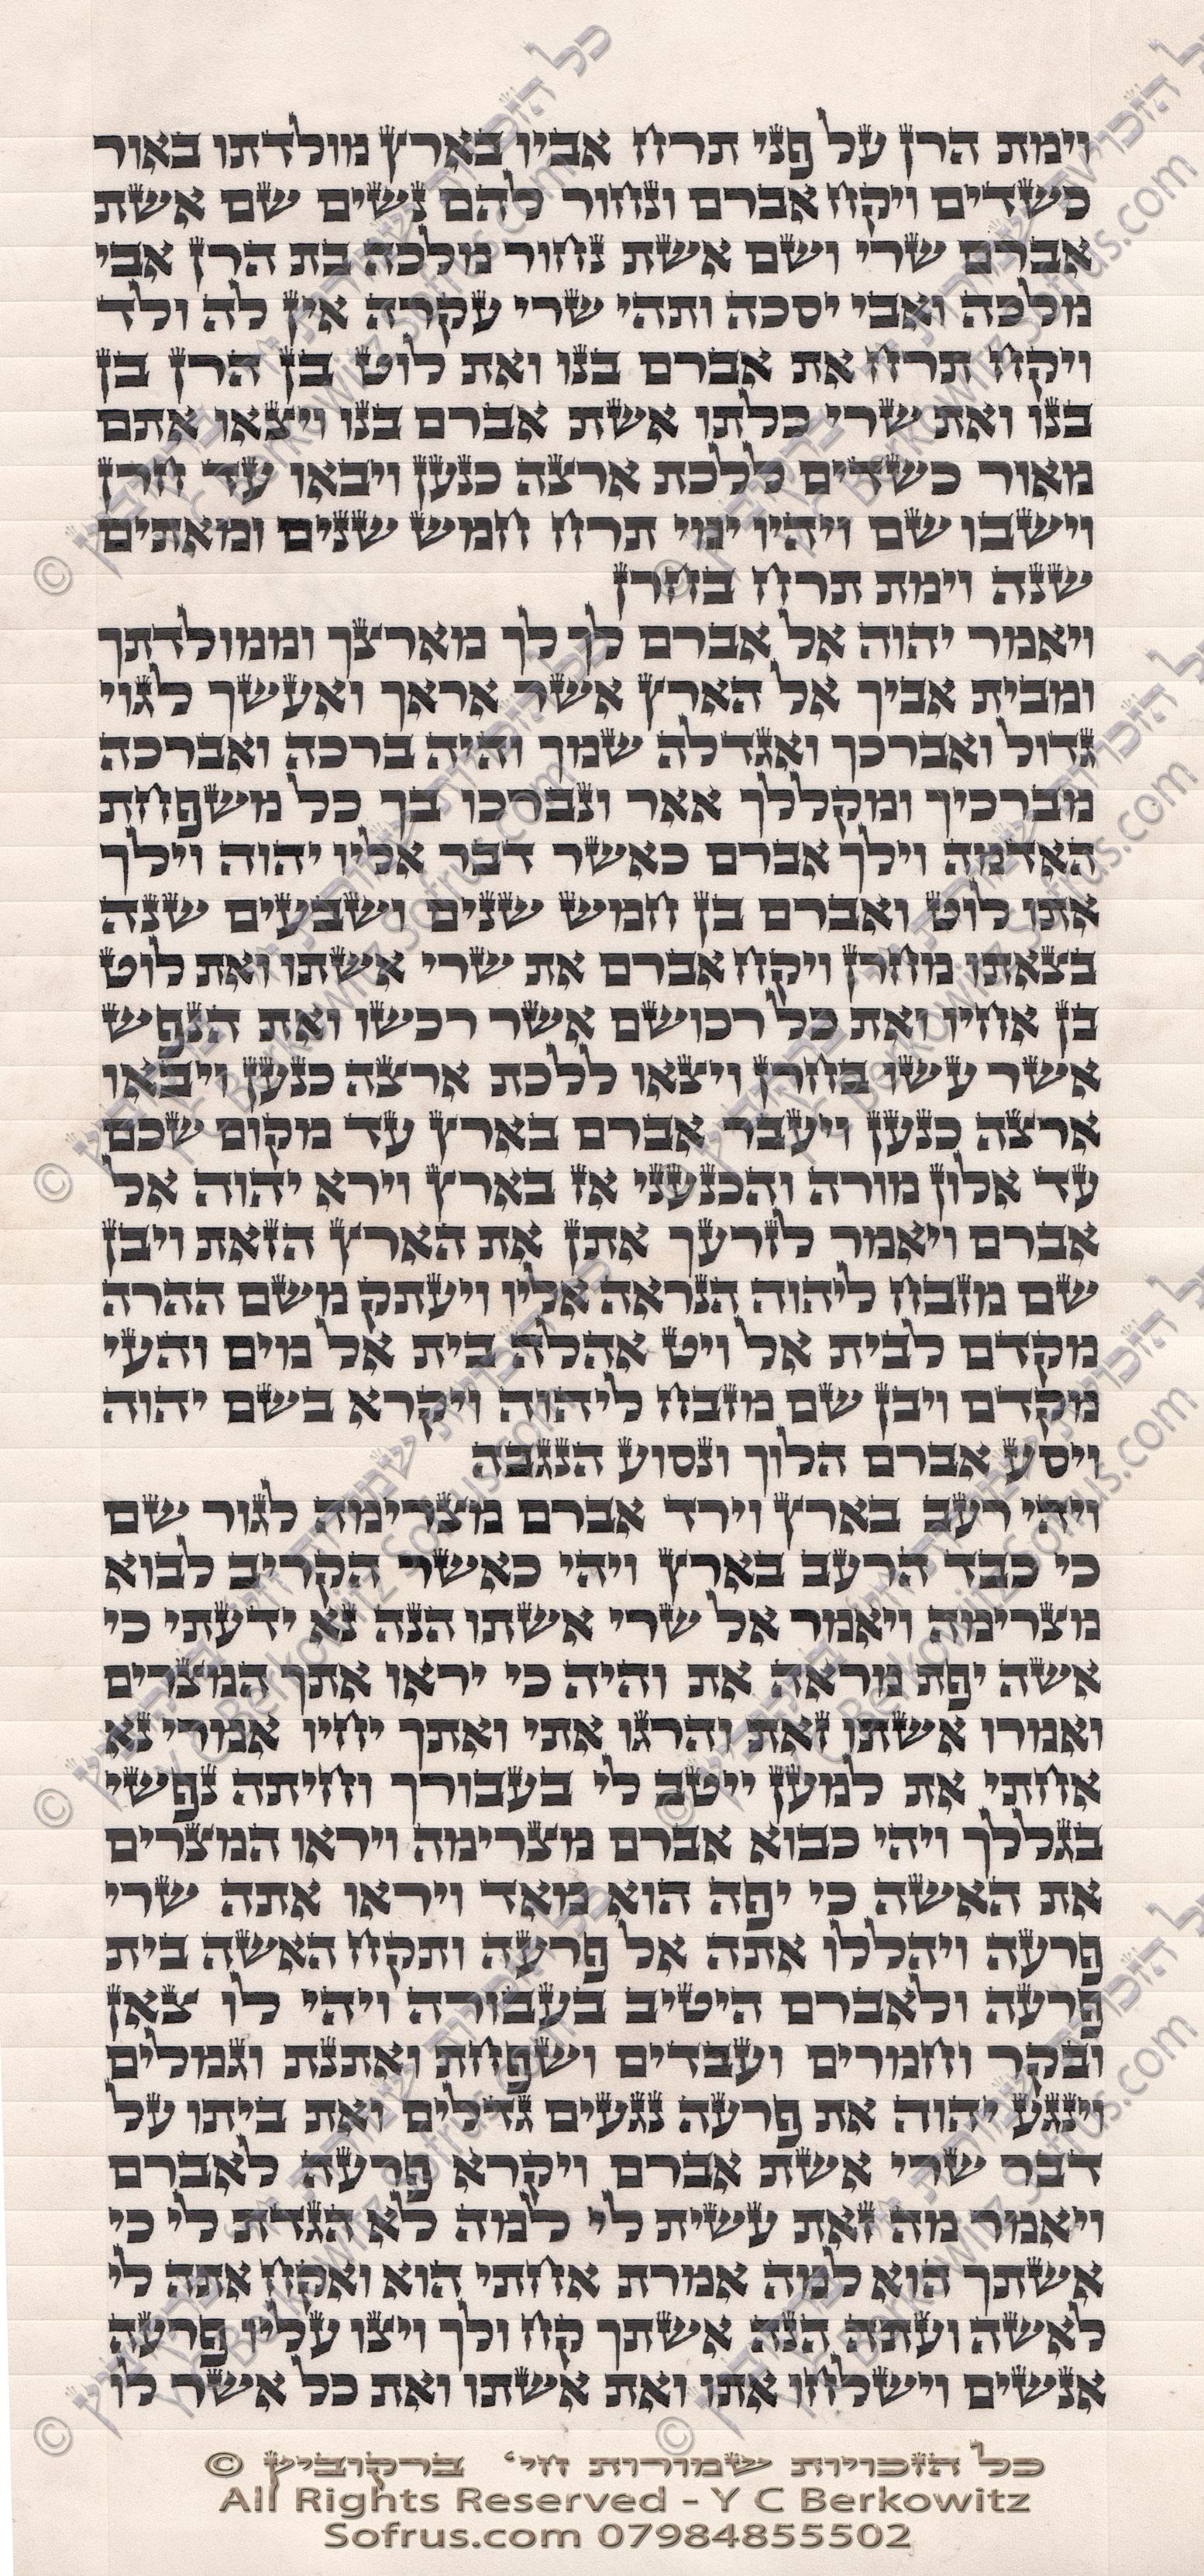 sefer-torah-12-lech